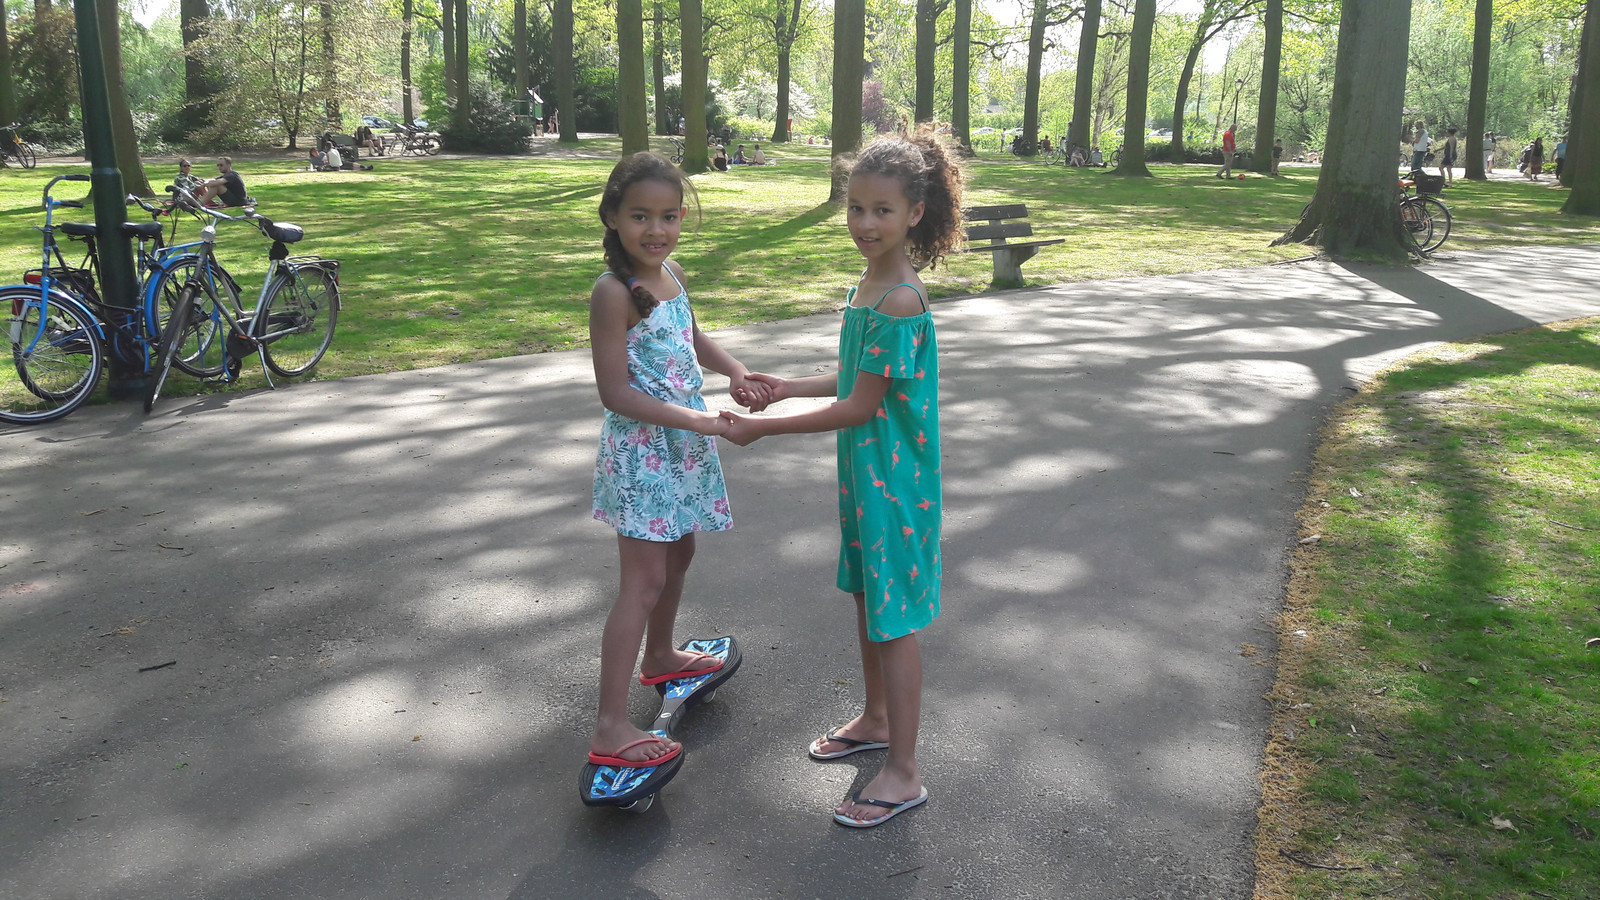 Gezellig met je vriendinnetje een rondje maken door het park.